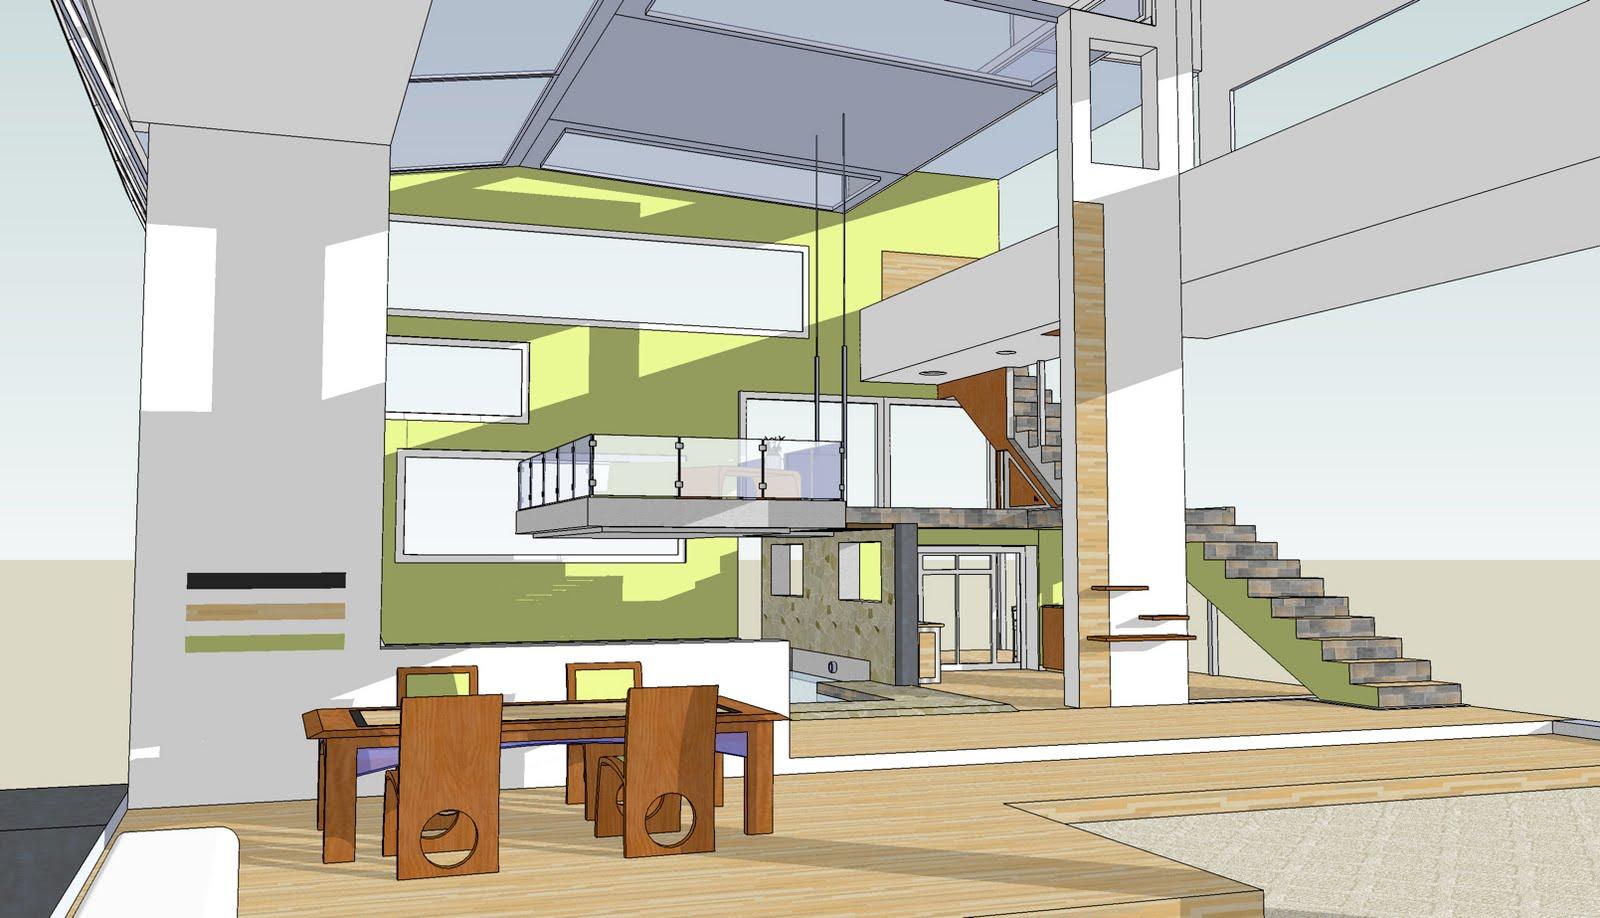 luke mack sketchup house. Black Bedroom Furniture Sets. Home Design Ideas